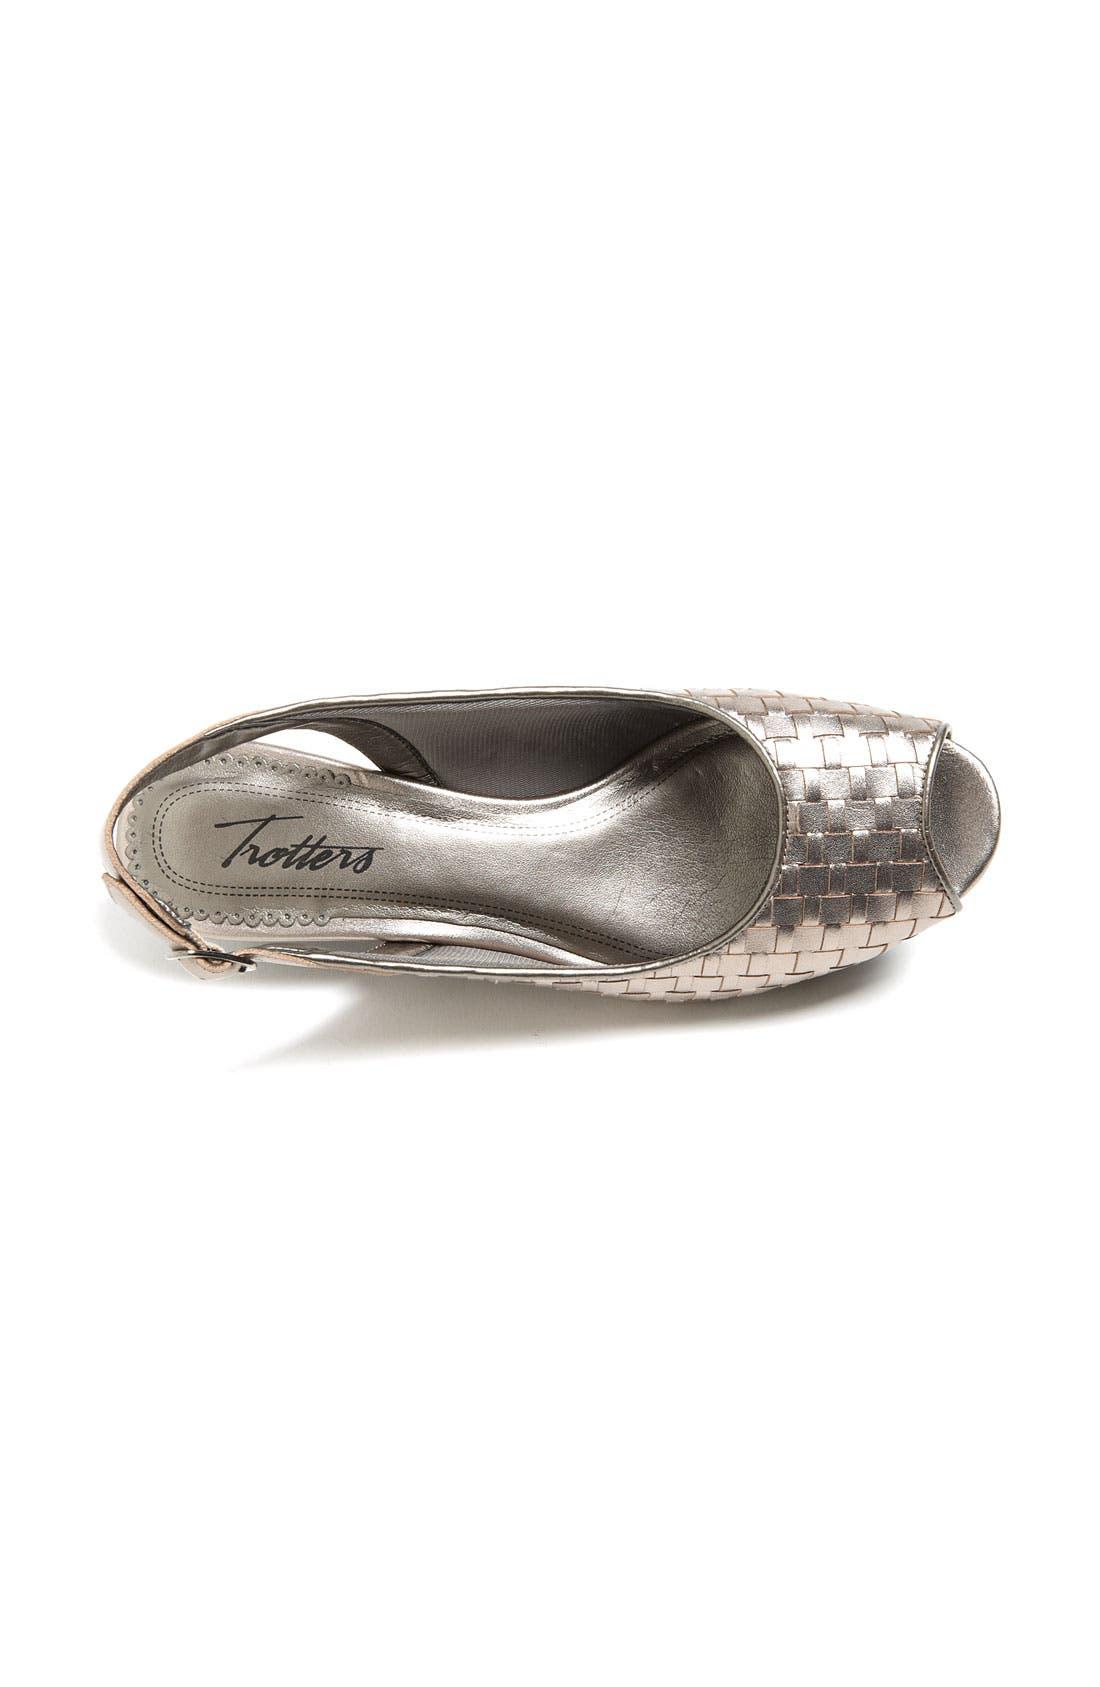 Alternate Image 3  - Trotters 'Mimi' Sandal